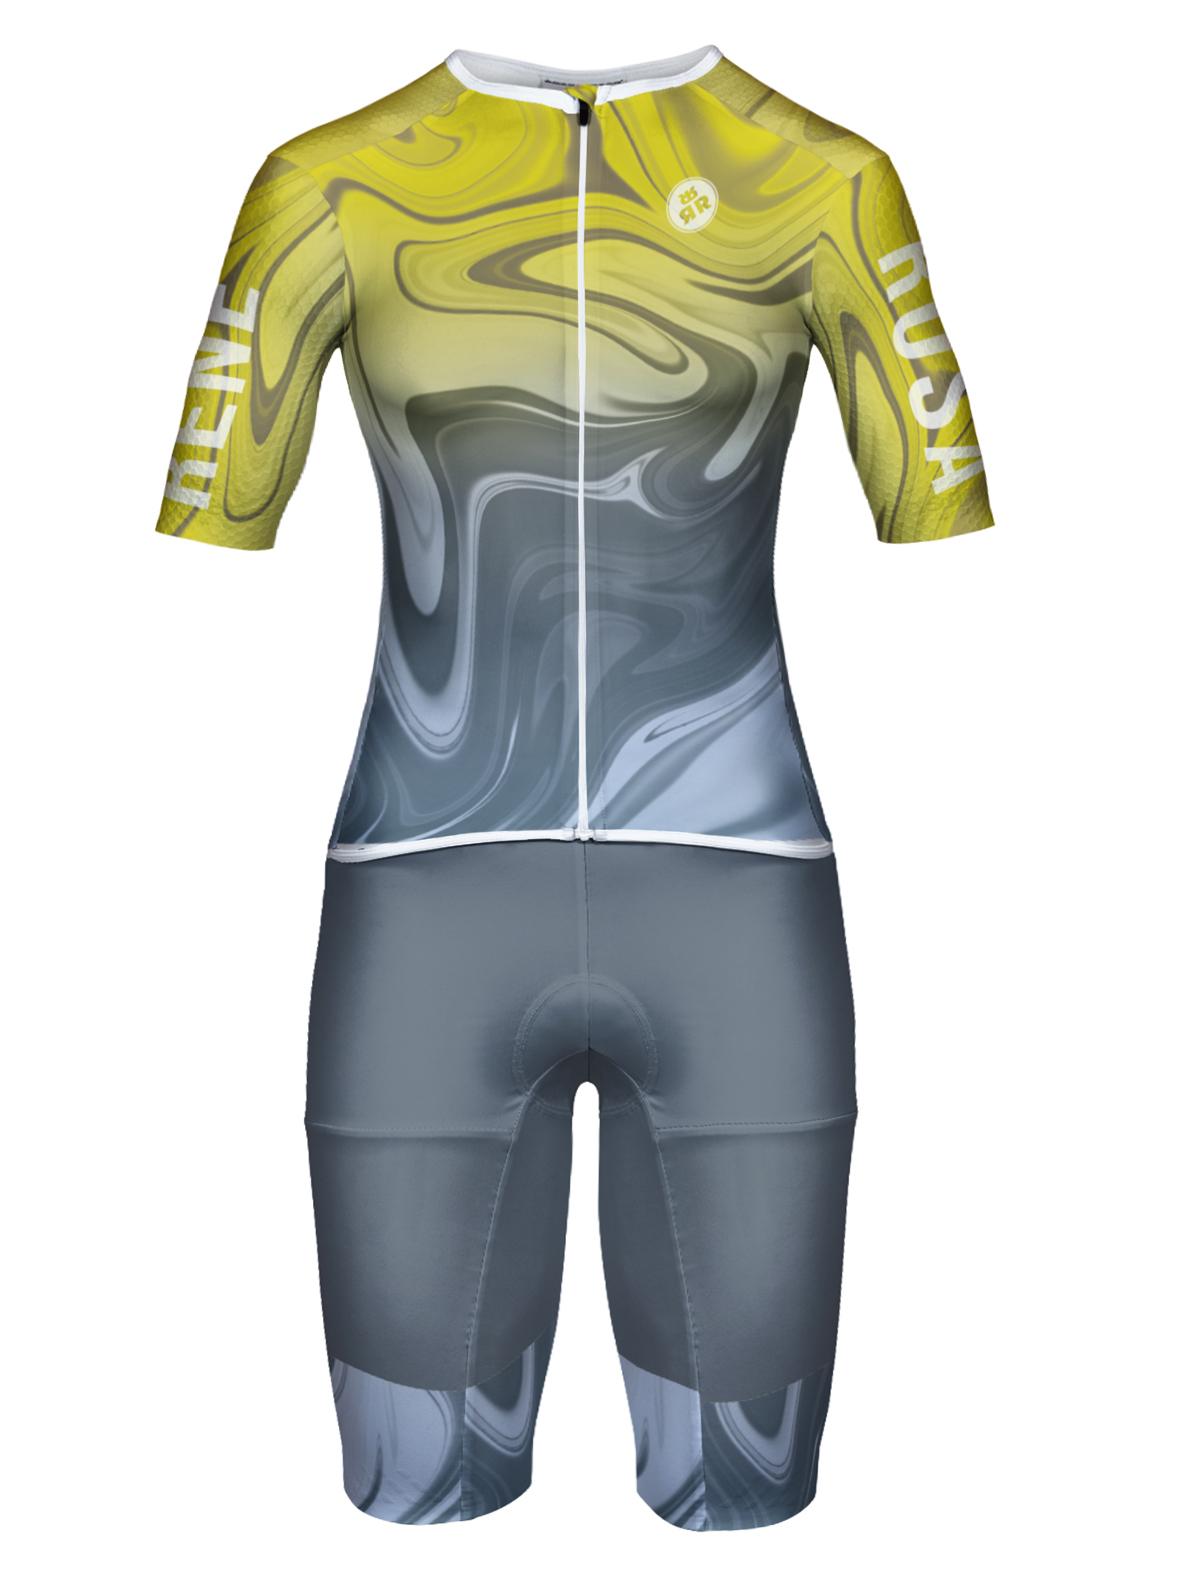 Aero Triathlon Einteiler  RRT2777W Damen / Hyperdelic- YellowSteel